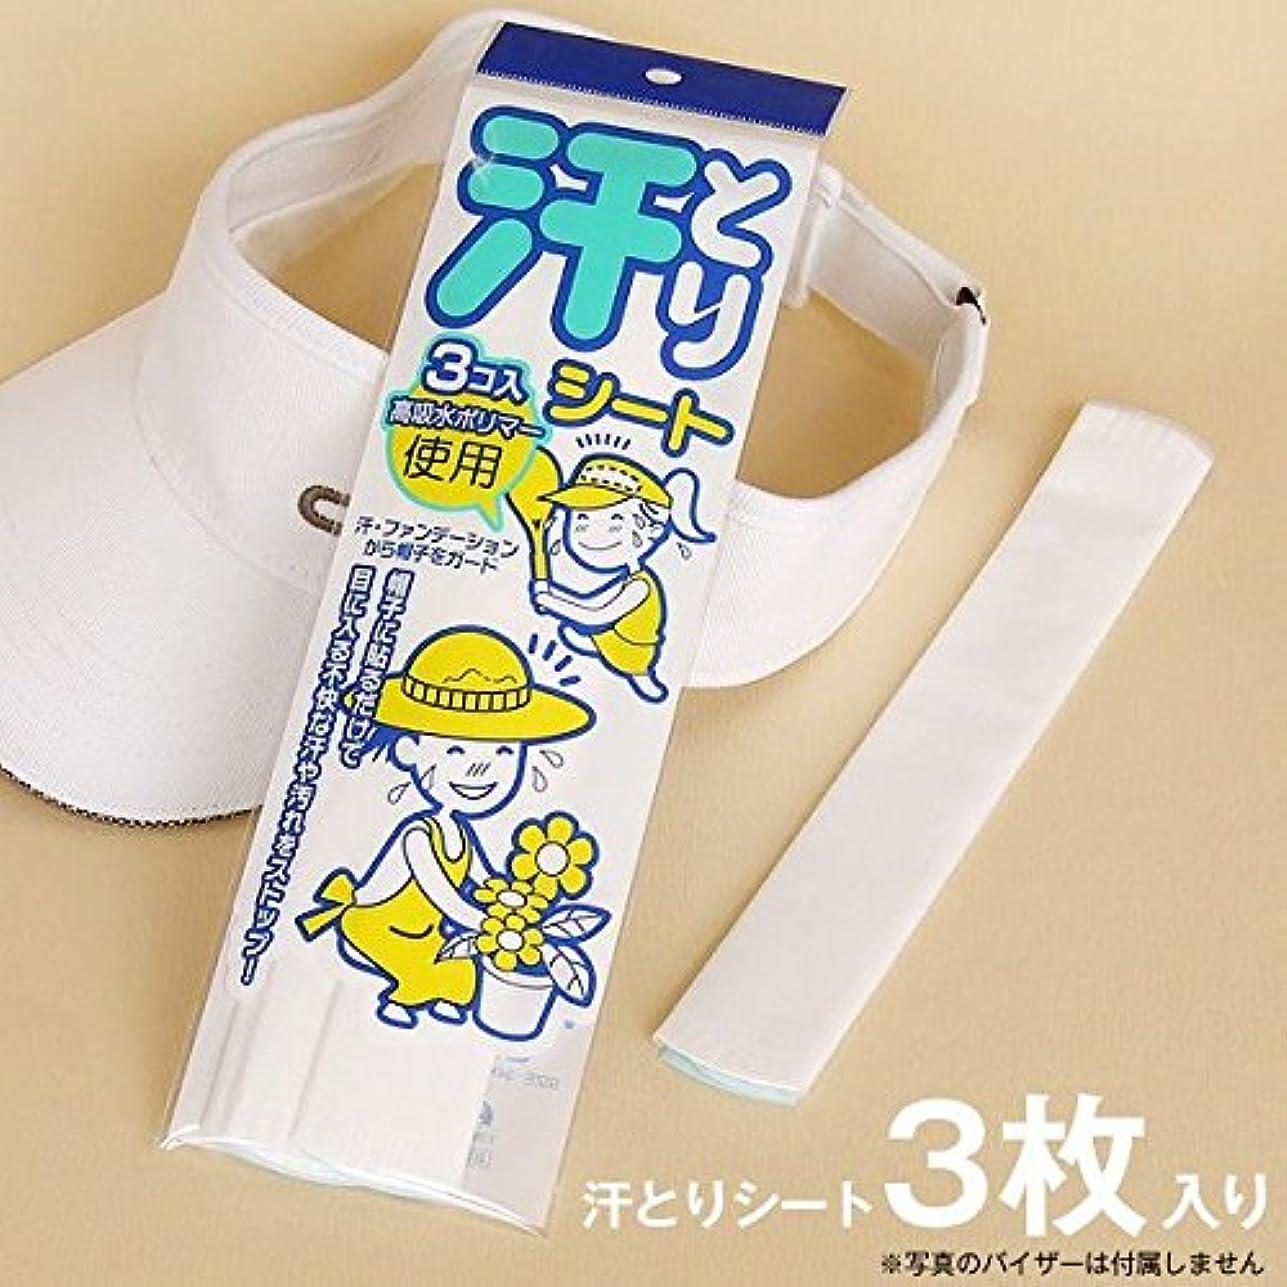 持続的裁量伝統汗取りシート 高吸水ポリマー 使用 帽子 サンバイザー ヘルメット インナー ファンデーション付着 防止 シャツ えり(日本製) (3個入り×3パック)